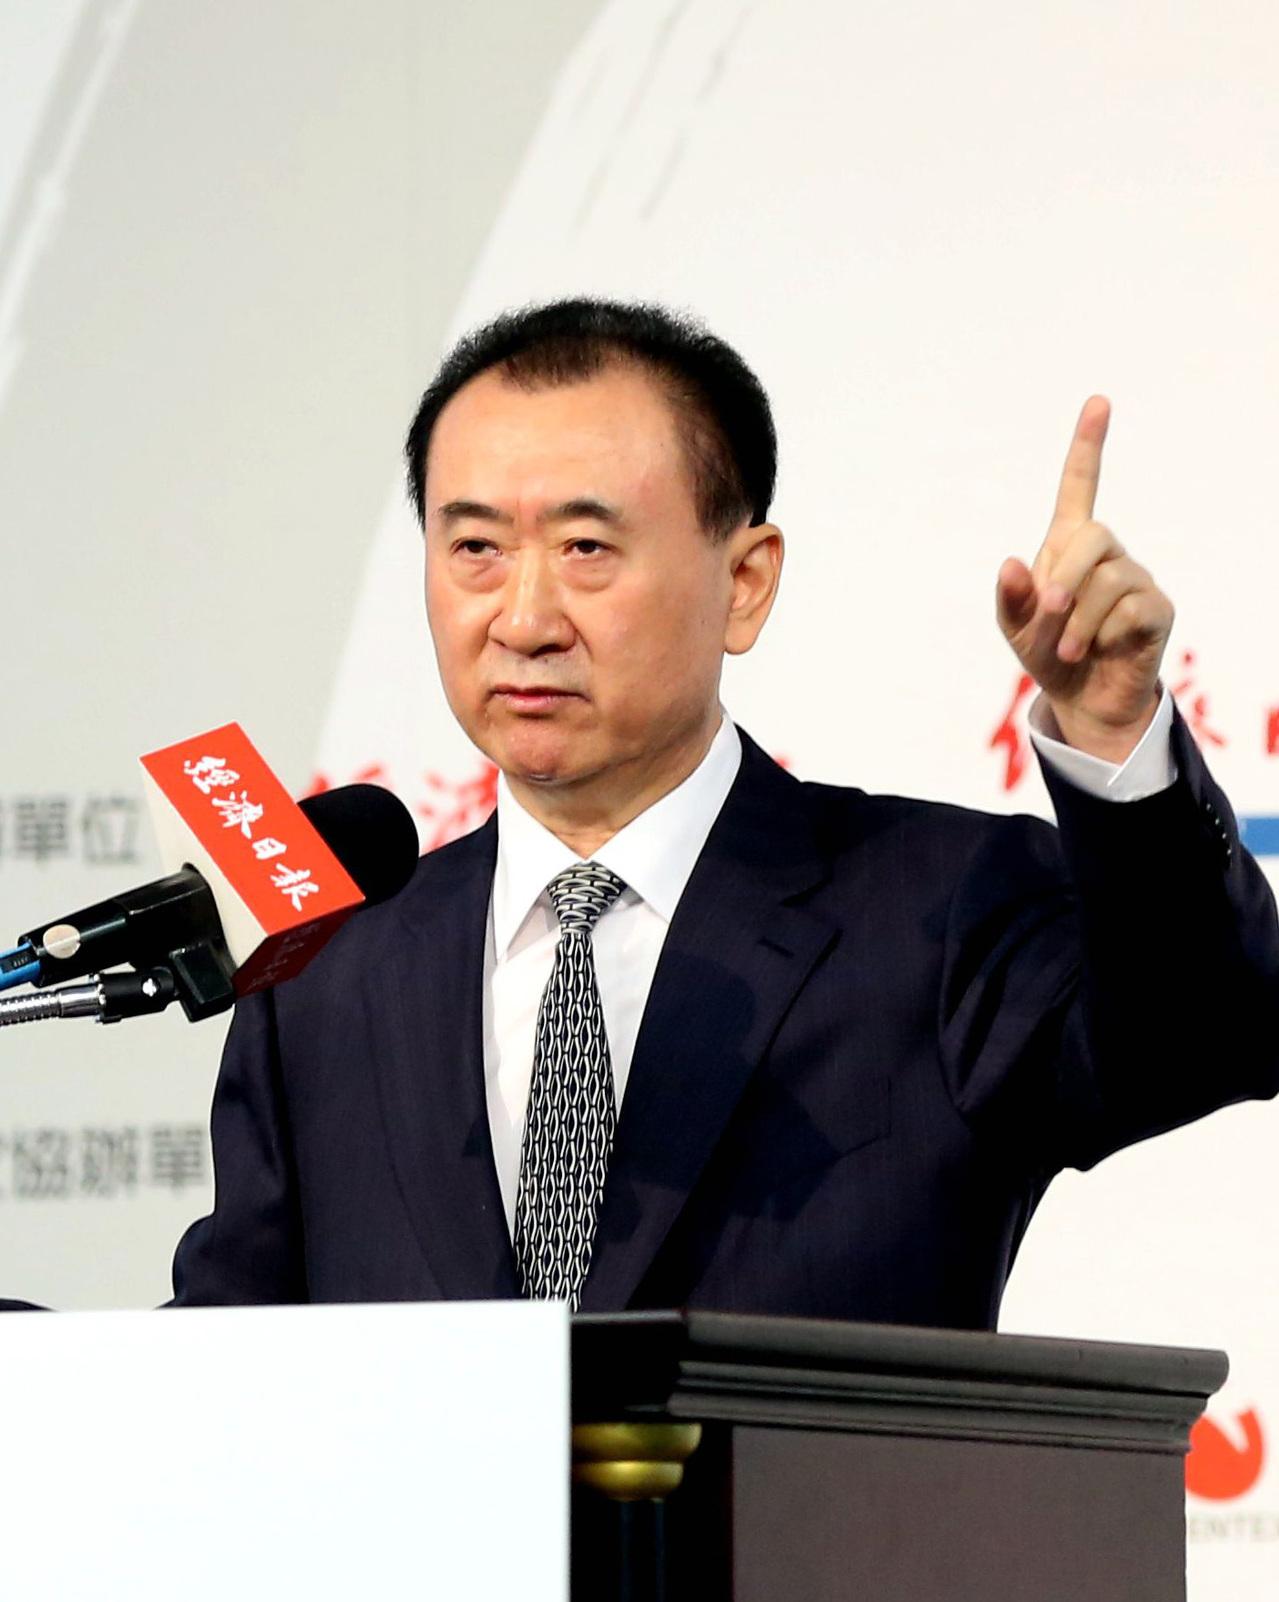 傳王健林打包賣掉五項海外資產 總價50億美元